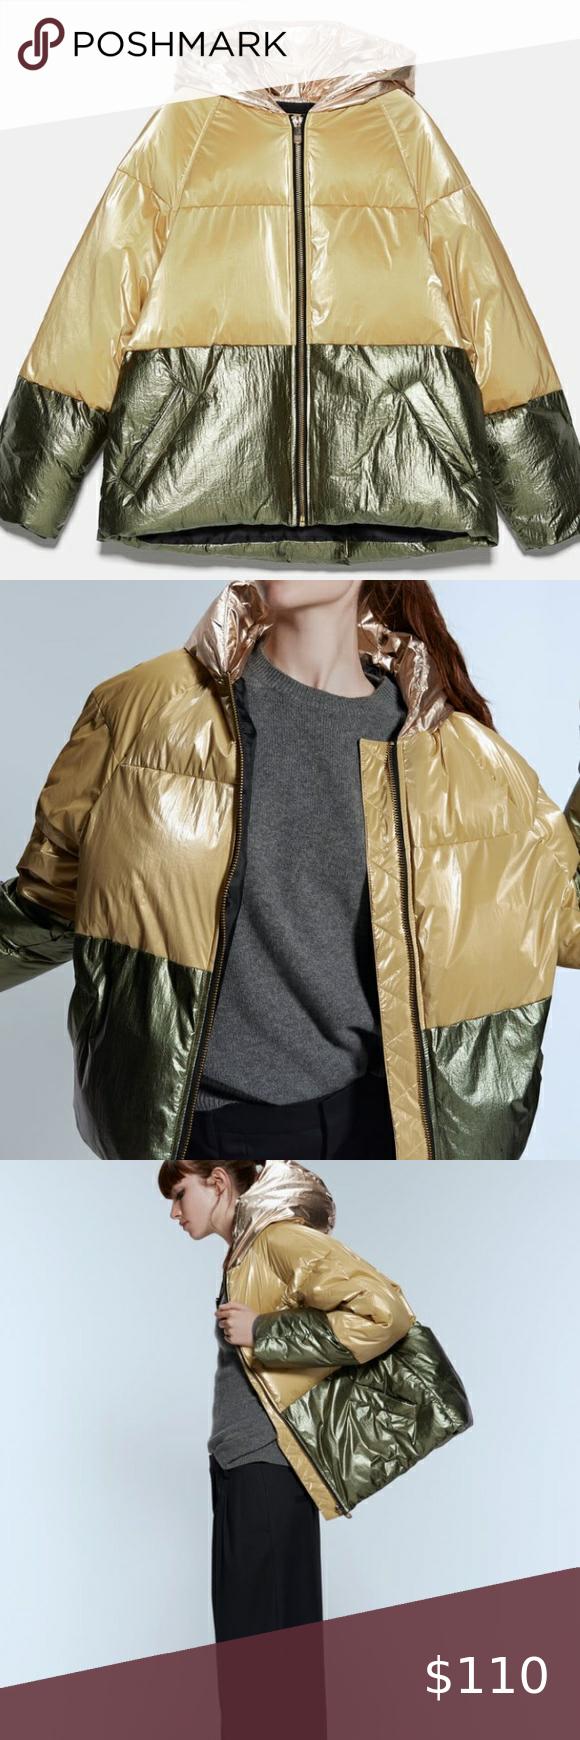 Zara Golden Block Color Puffer Jacket Jackets Zara Puffer Jackets [ 1740 x 580 Pixel ]